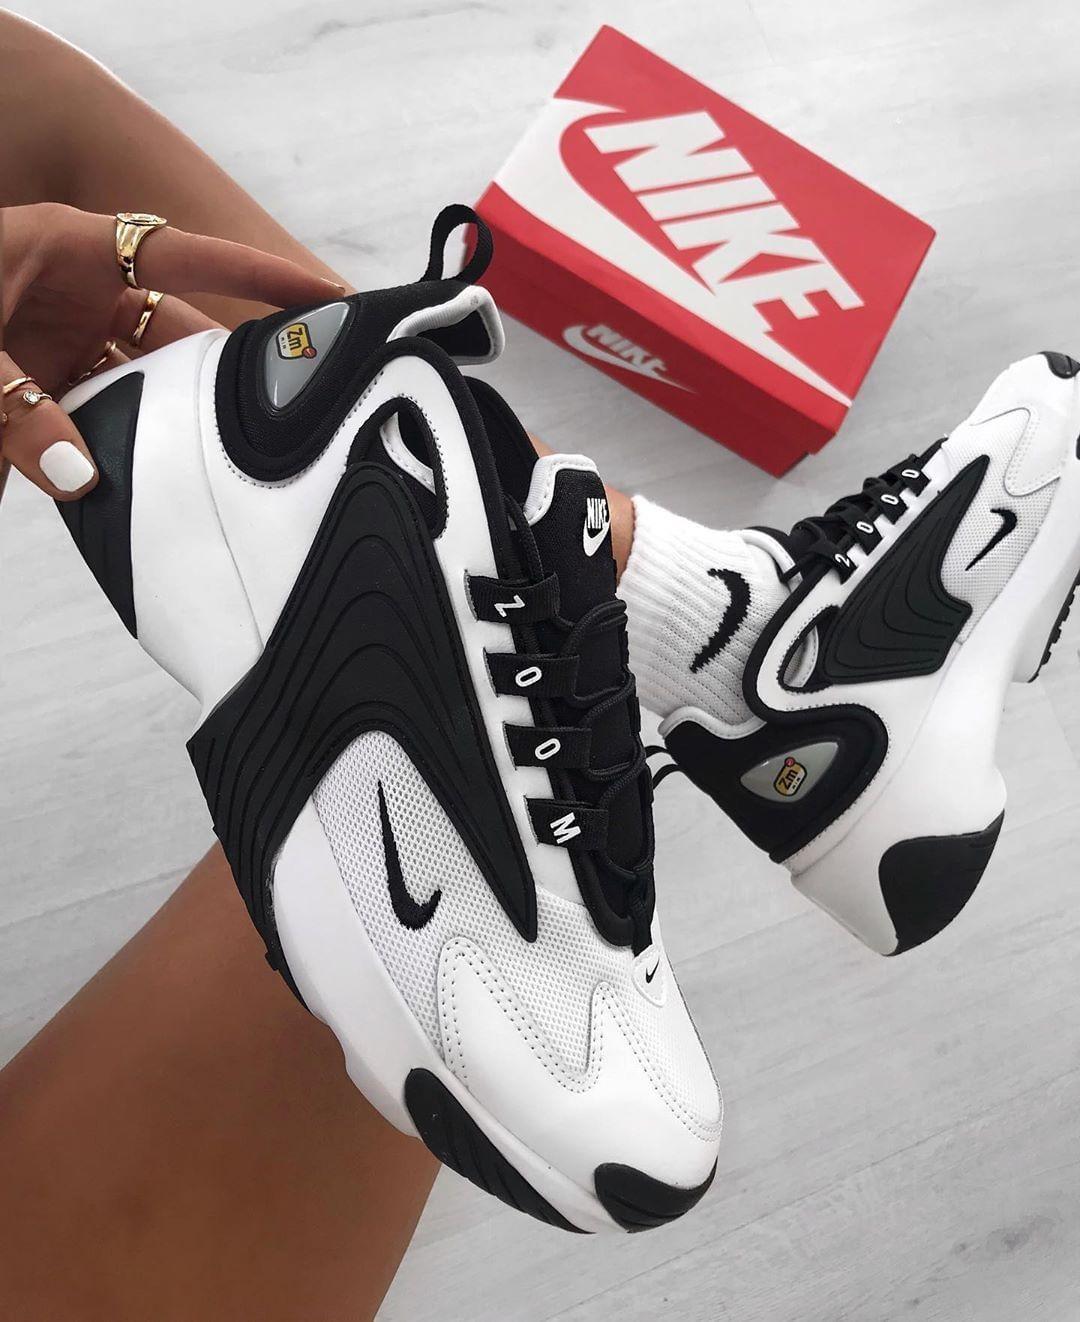 Nike Zoom 2K in weiss AO0269 101 | everysize | Nike schuhe